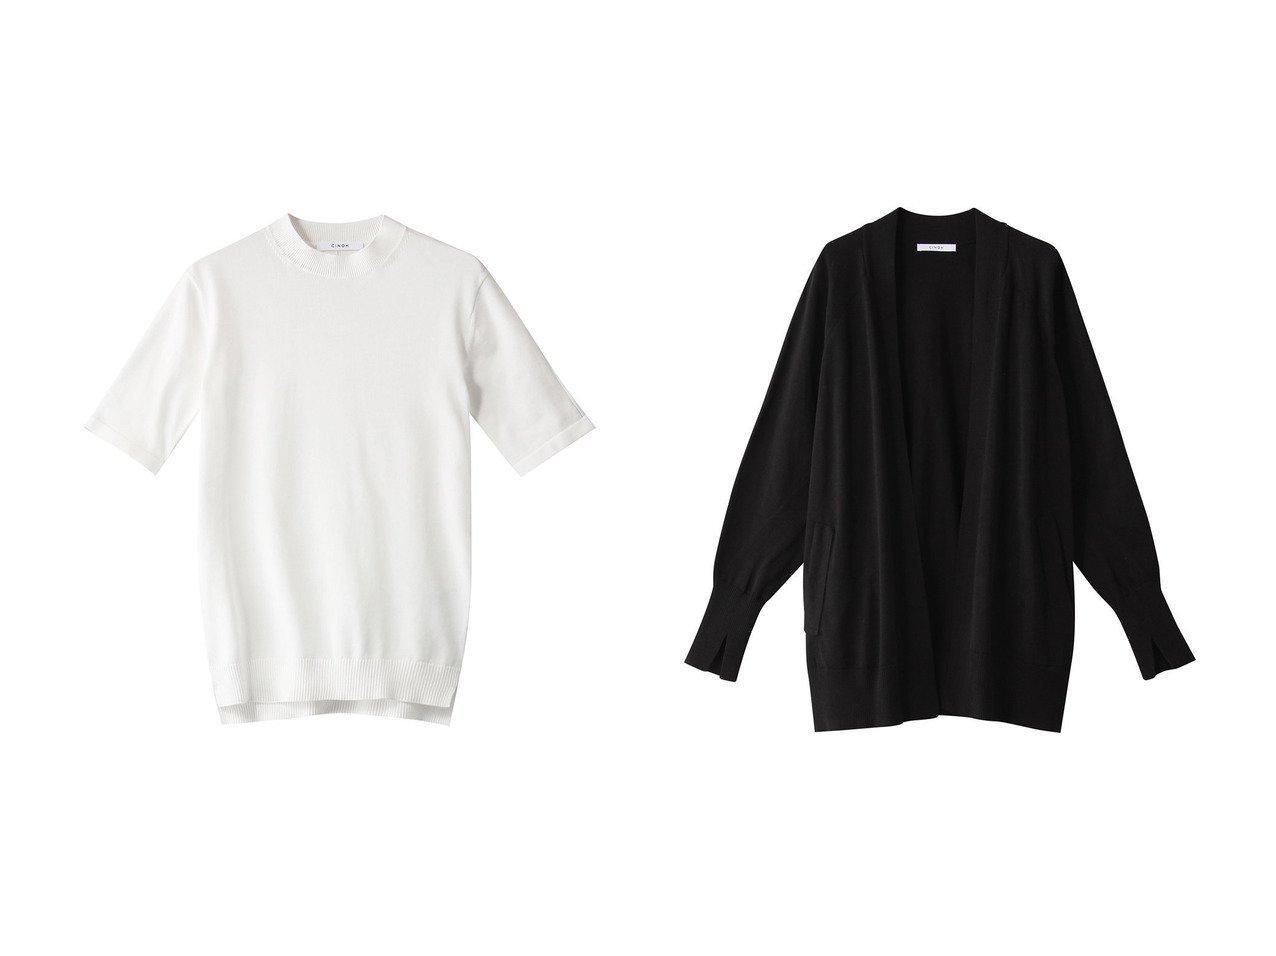 【CINOH/チノ】のスビンニットTシャツ&スビンニットカーディガン トップス・カットソーのおすすめ!人気、トレンド・レディースファッションの通販 おすすめで人気の流行・トレンド、ファッションの通販商品 メンズファッション・キッズファッション・インテリア・家具・レディースファッション・服の通販 founy(ファニー) https://founy.com/ ファッション Fashion レディースファッション WOMEN トップス Tops Tshirt ニット Knit Tops シャツ/ブラウス Shirts Blouses ロング / Tシャツ T-Shirts プルオーバー Pullover カーディガン Cardigans 2021年 2021 2021 春夏 S/S SS Spring/Summer 2021 S/S 春夏 SS Spring/Summer シンプル フィット 春 Spring |ID:crp329100000013100